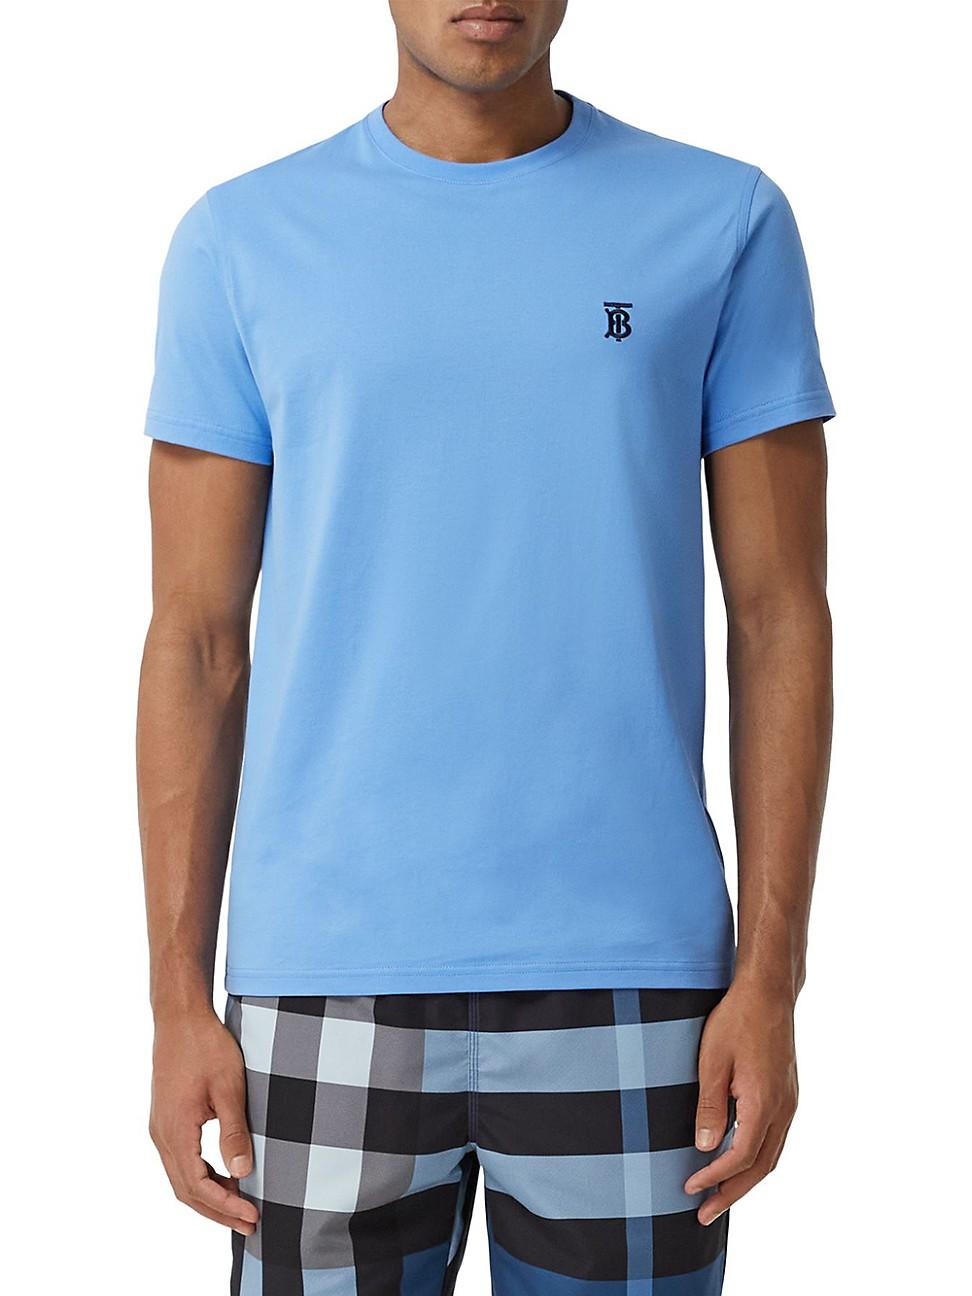 Burberry T-shirts MEN'S PARKER CORE T-SHIRT